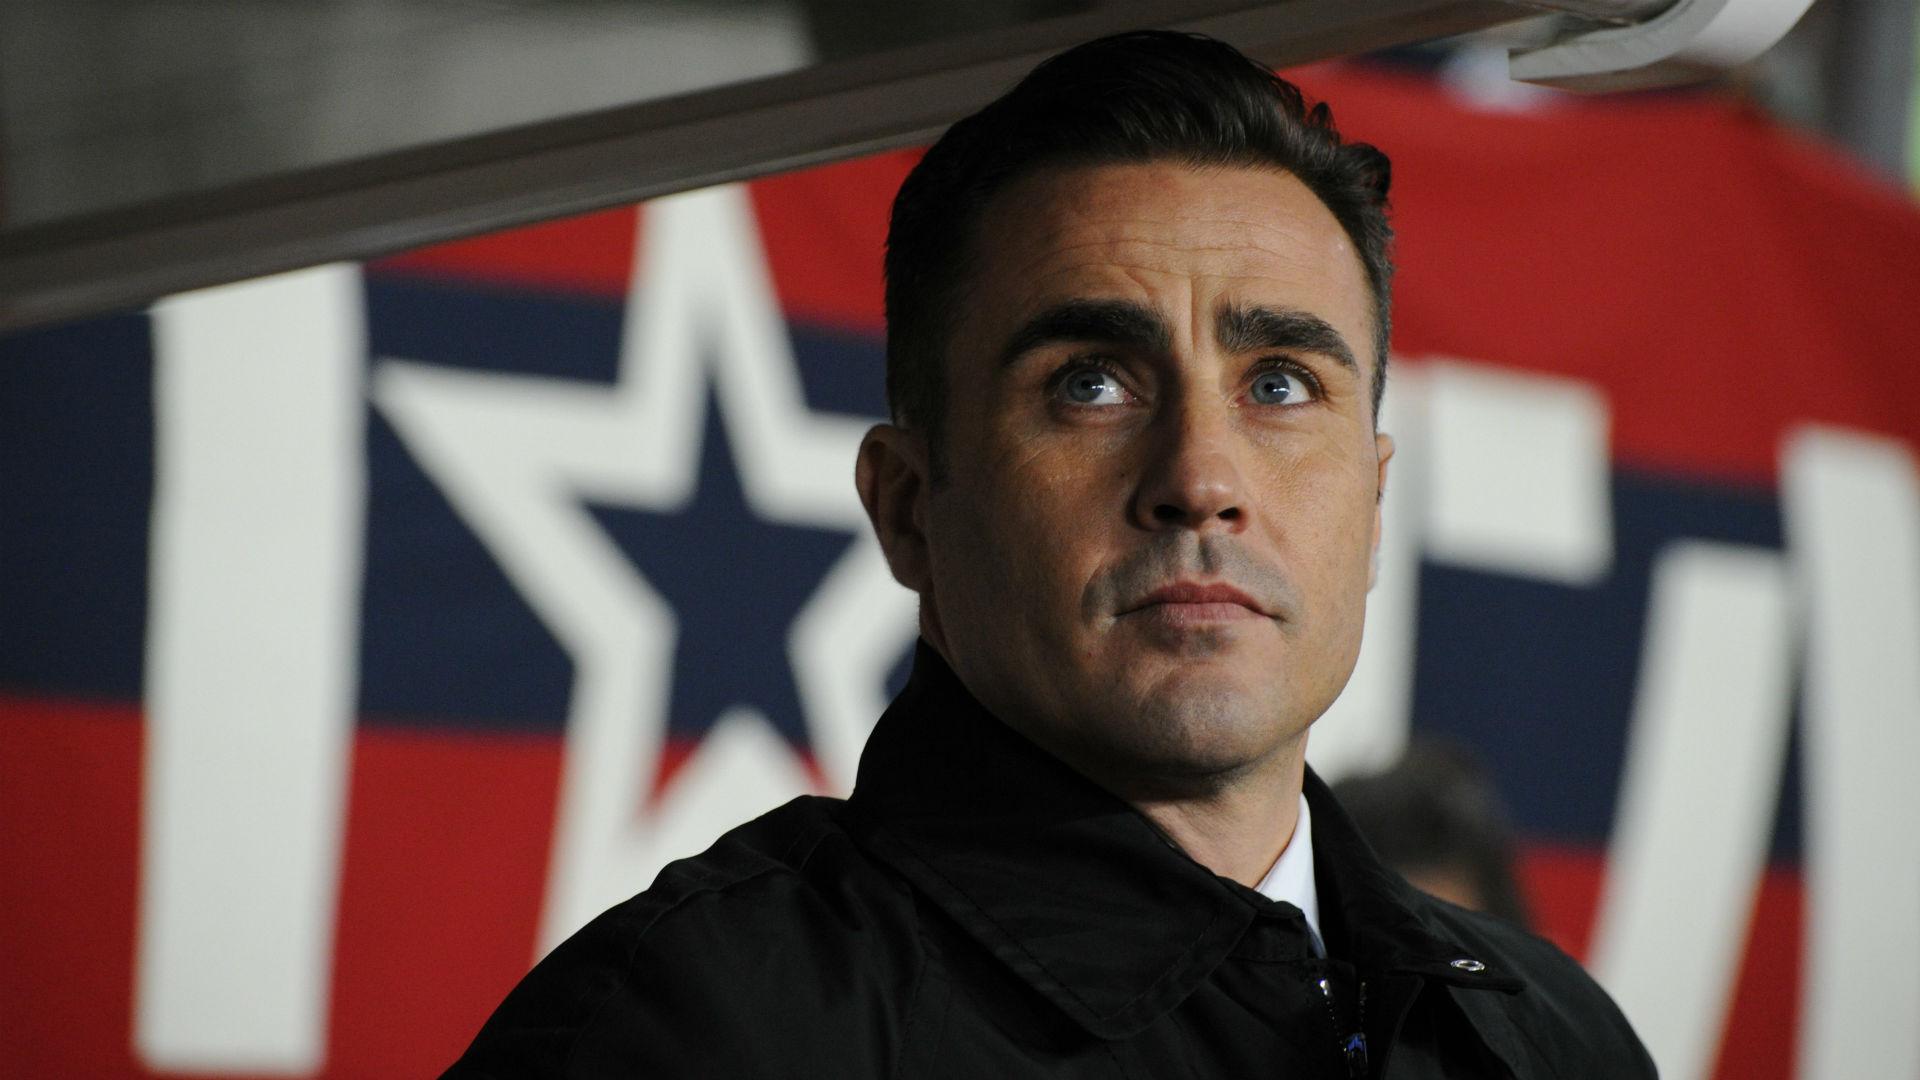 Kalinic al Tianjin? Cannavaro non ha perso le speranze: